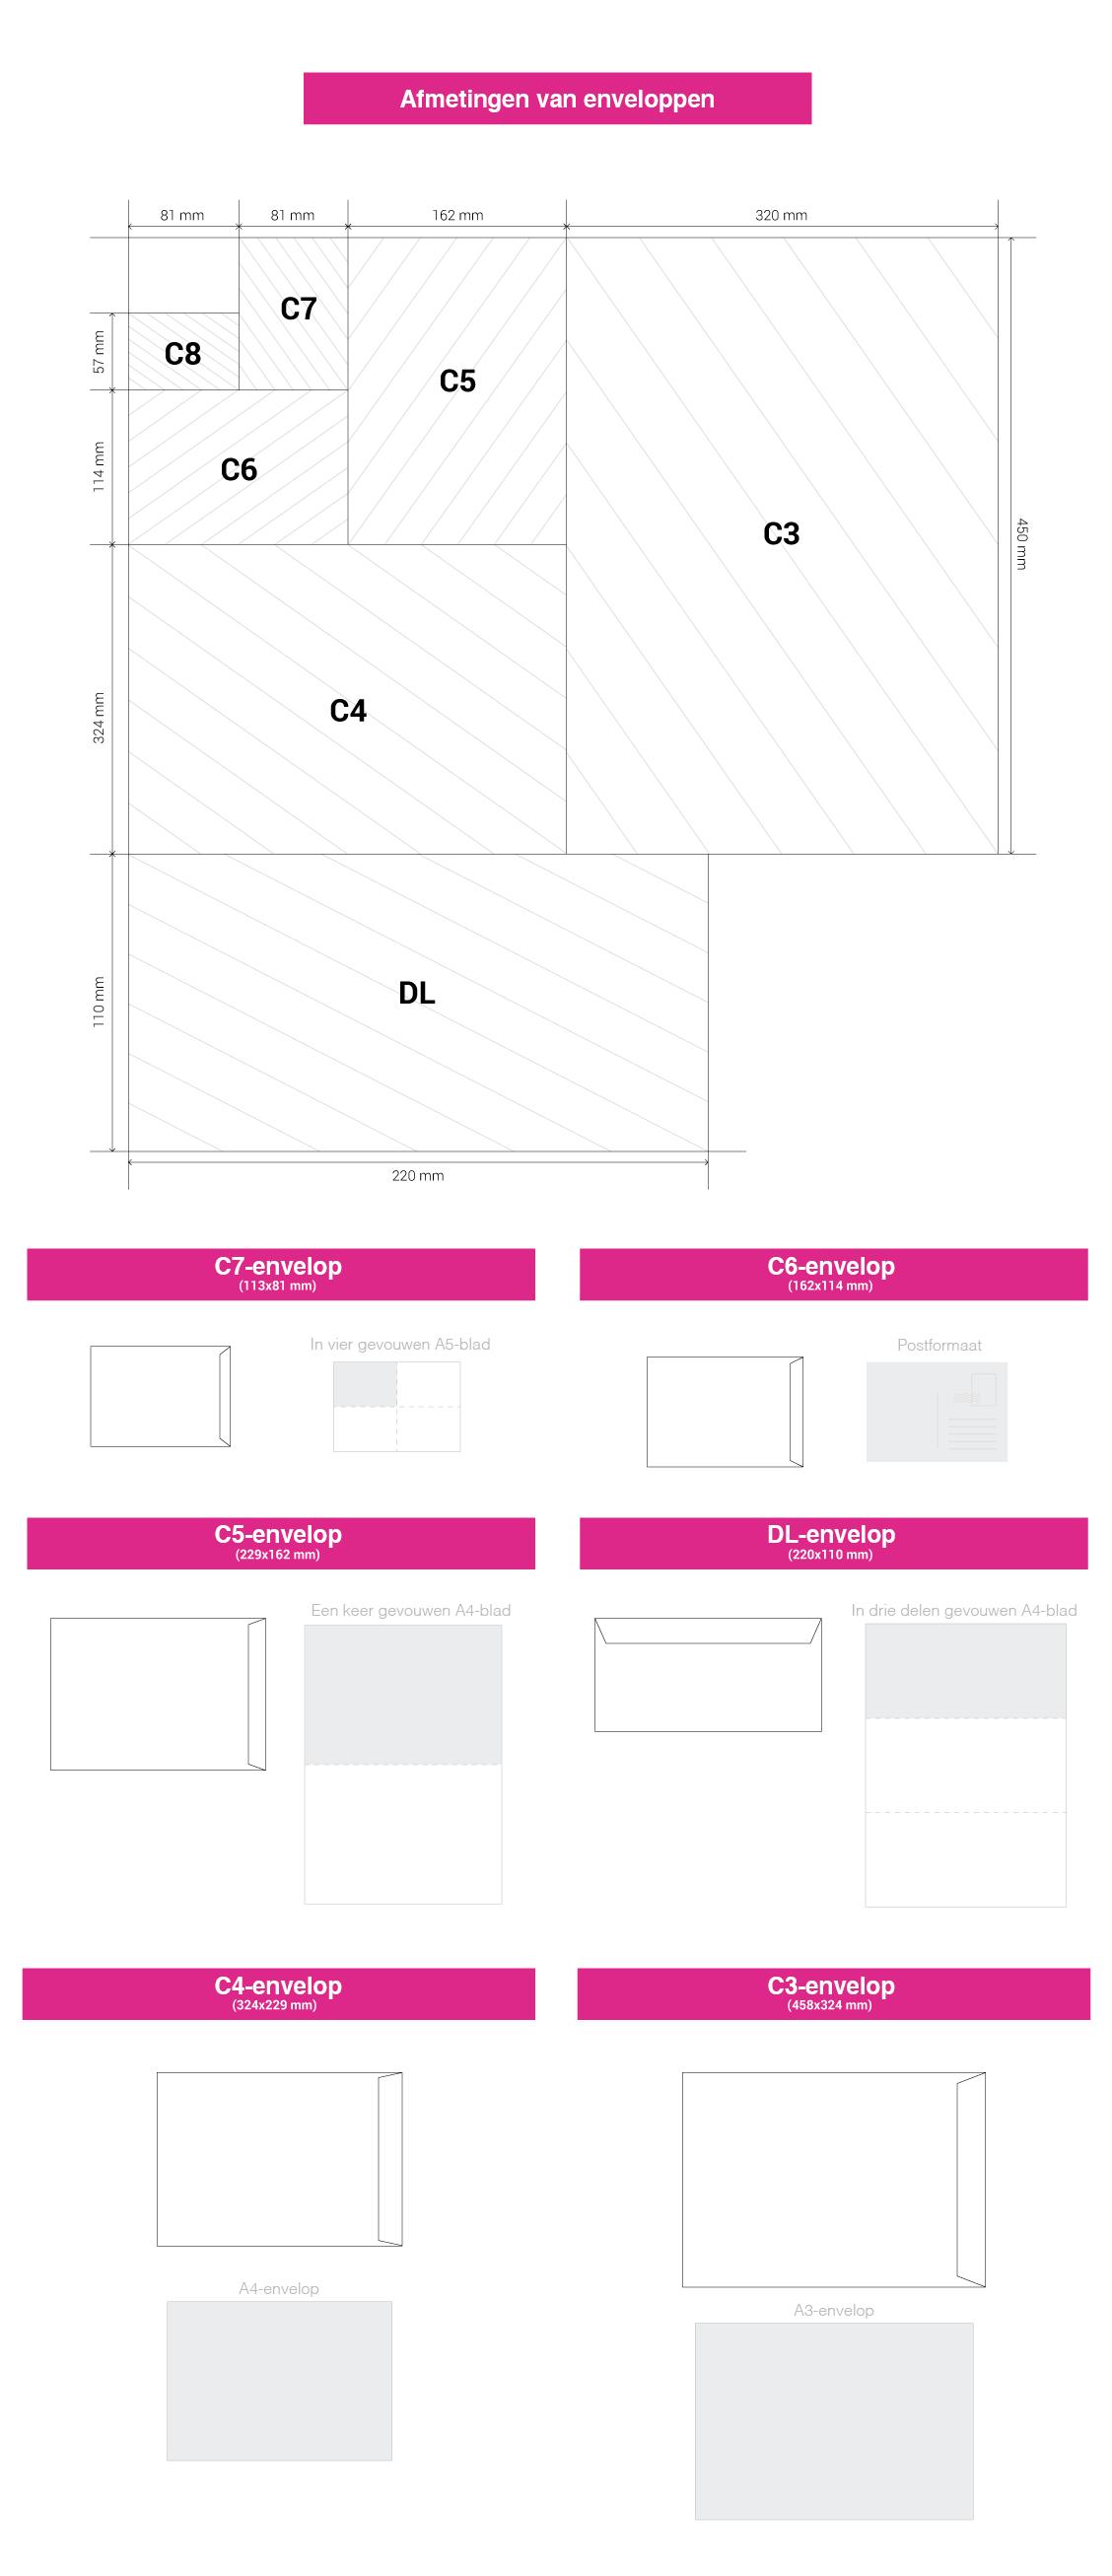 Afmetingen van enveloppen